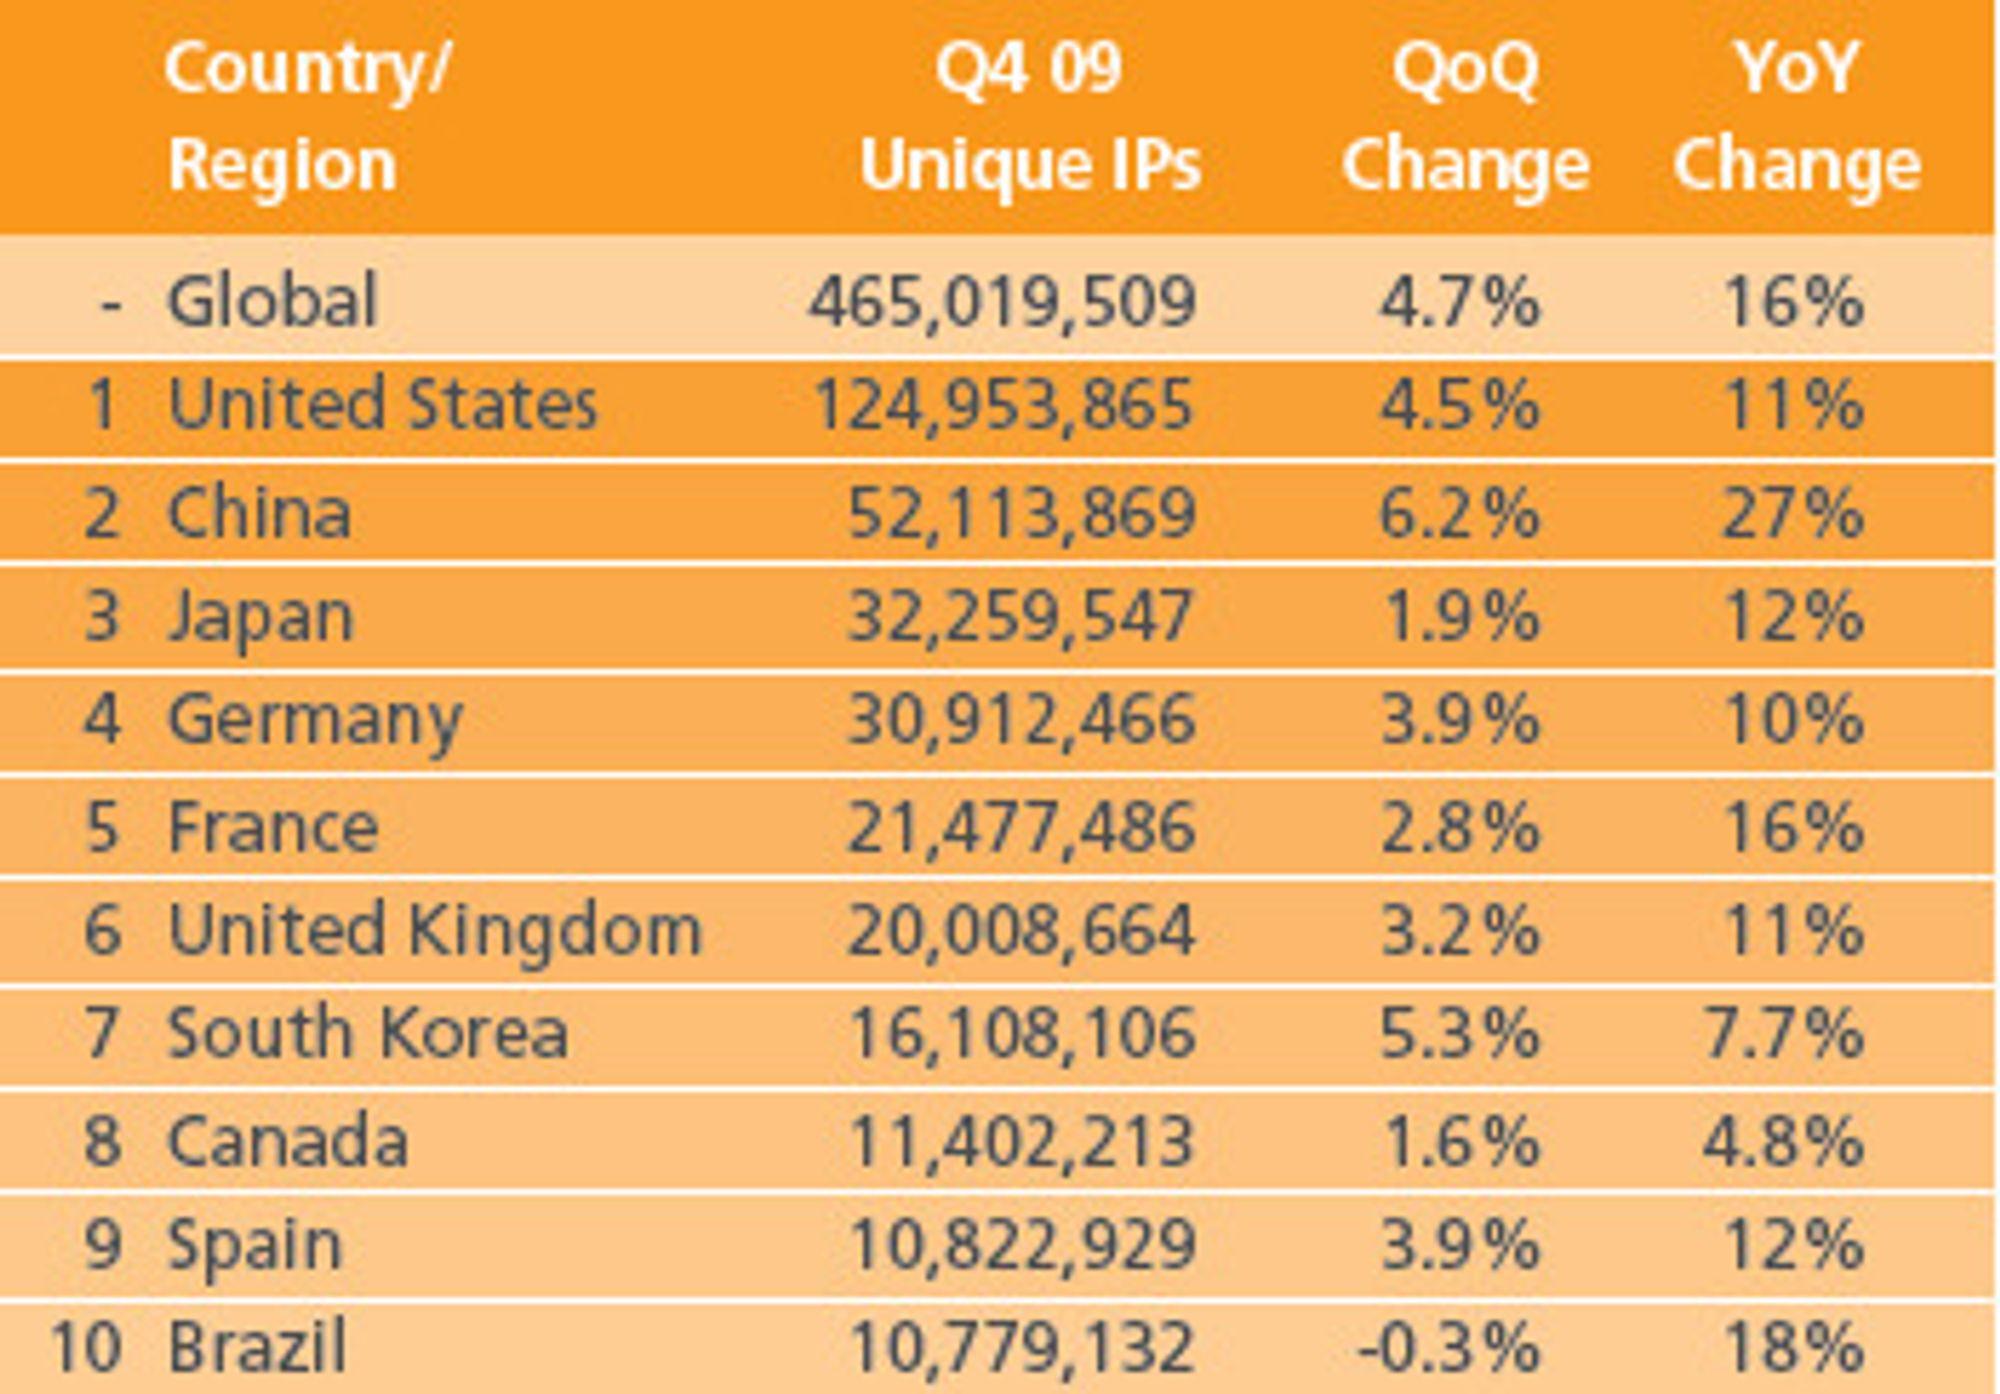 Akamai måler vel 465 millioner unike IP-adresser hver dag. Av disse er 2.296.474 fra Norge.